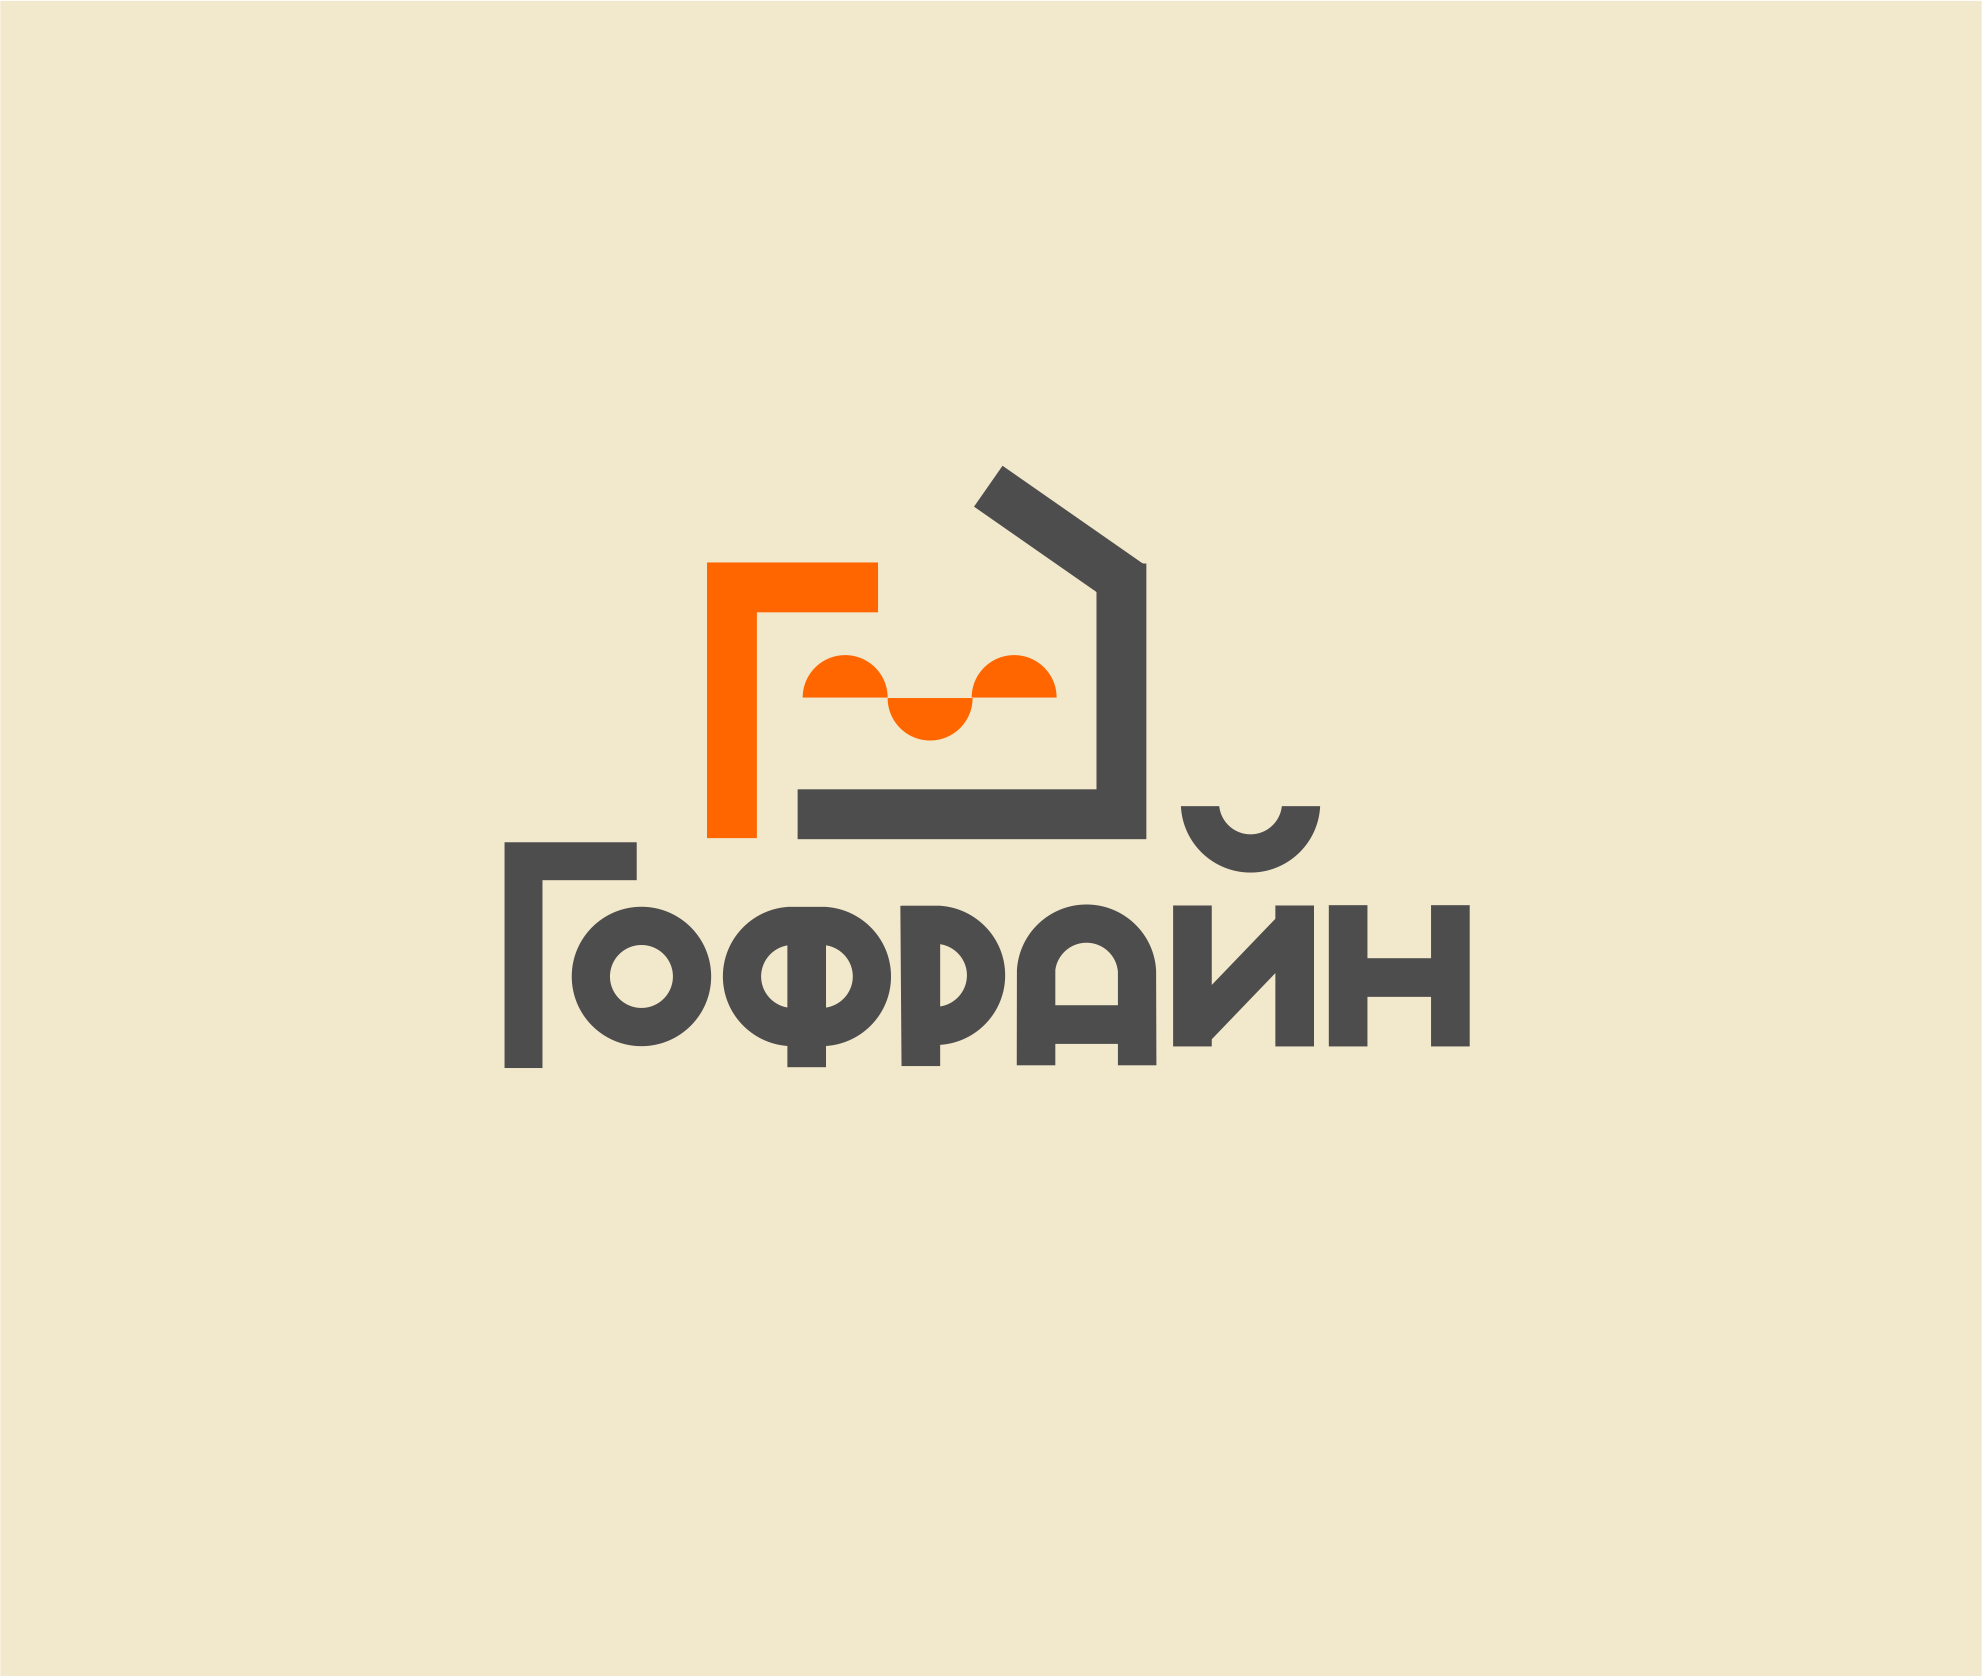 Логотип для компании по реализации упаковки из гофрокартона фото f_1505cdea4e0dfbdf.png